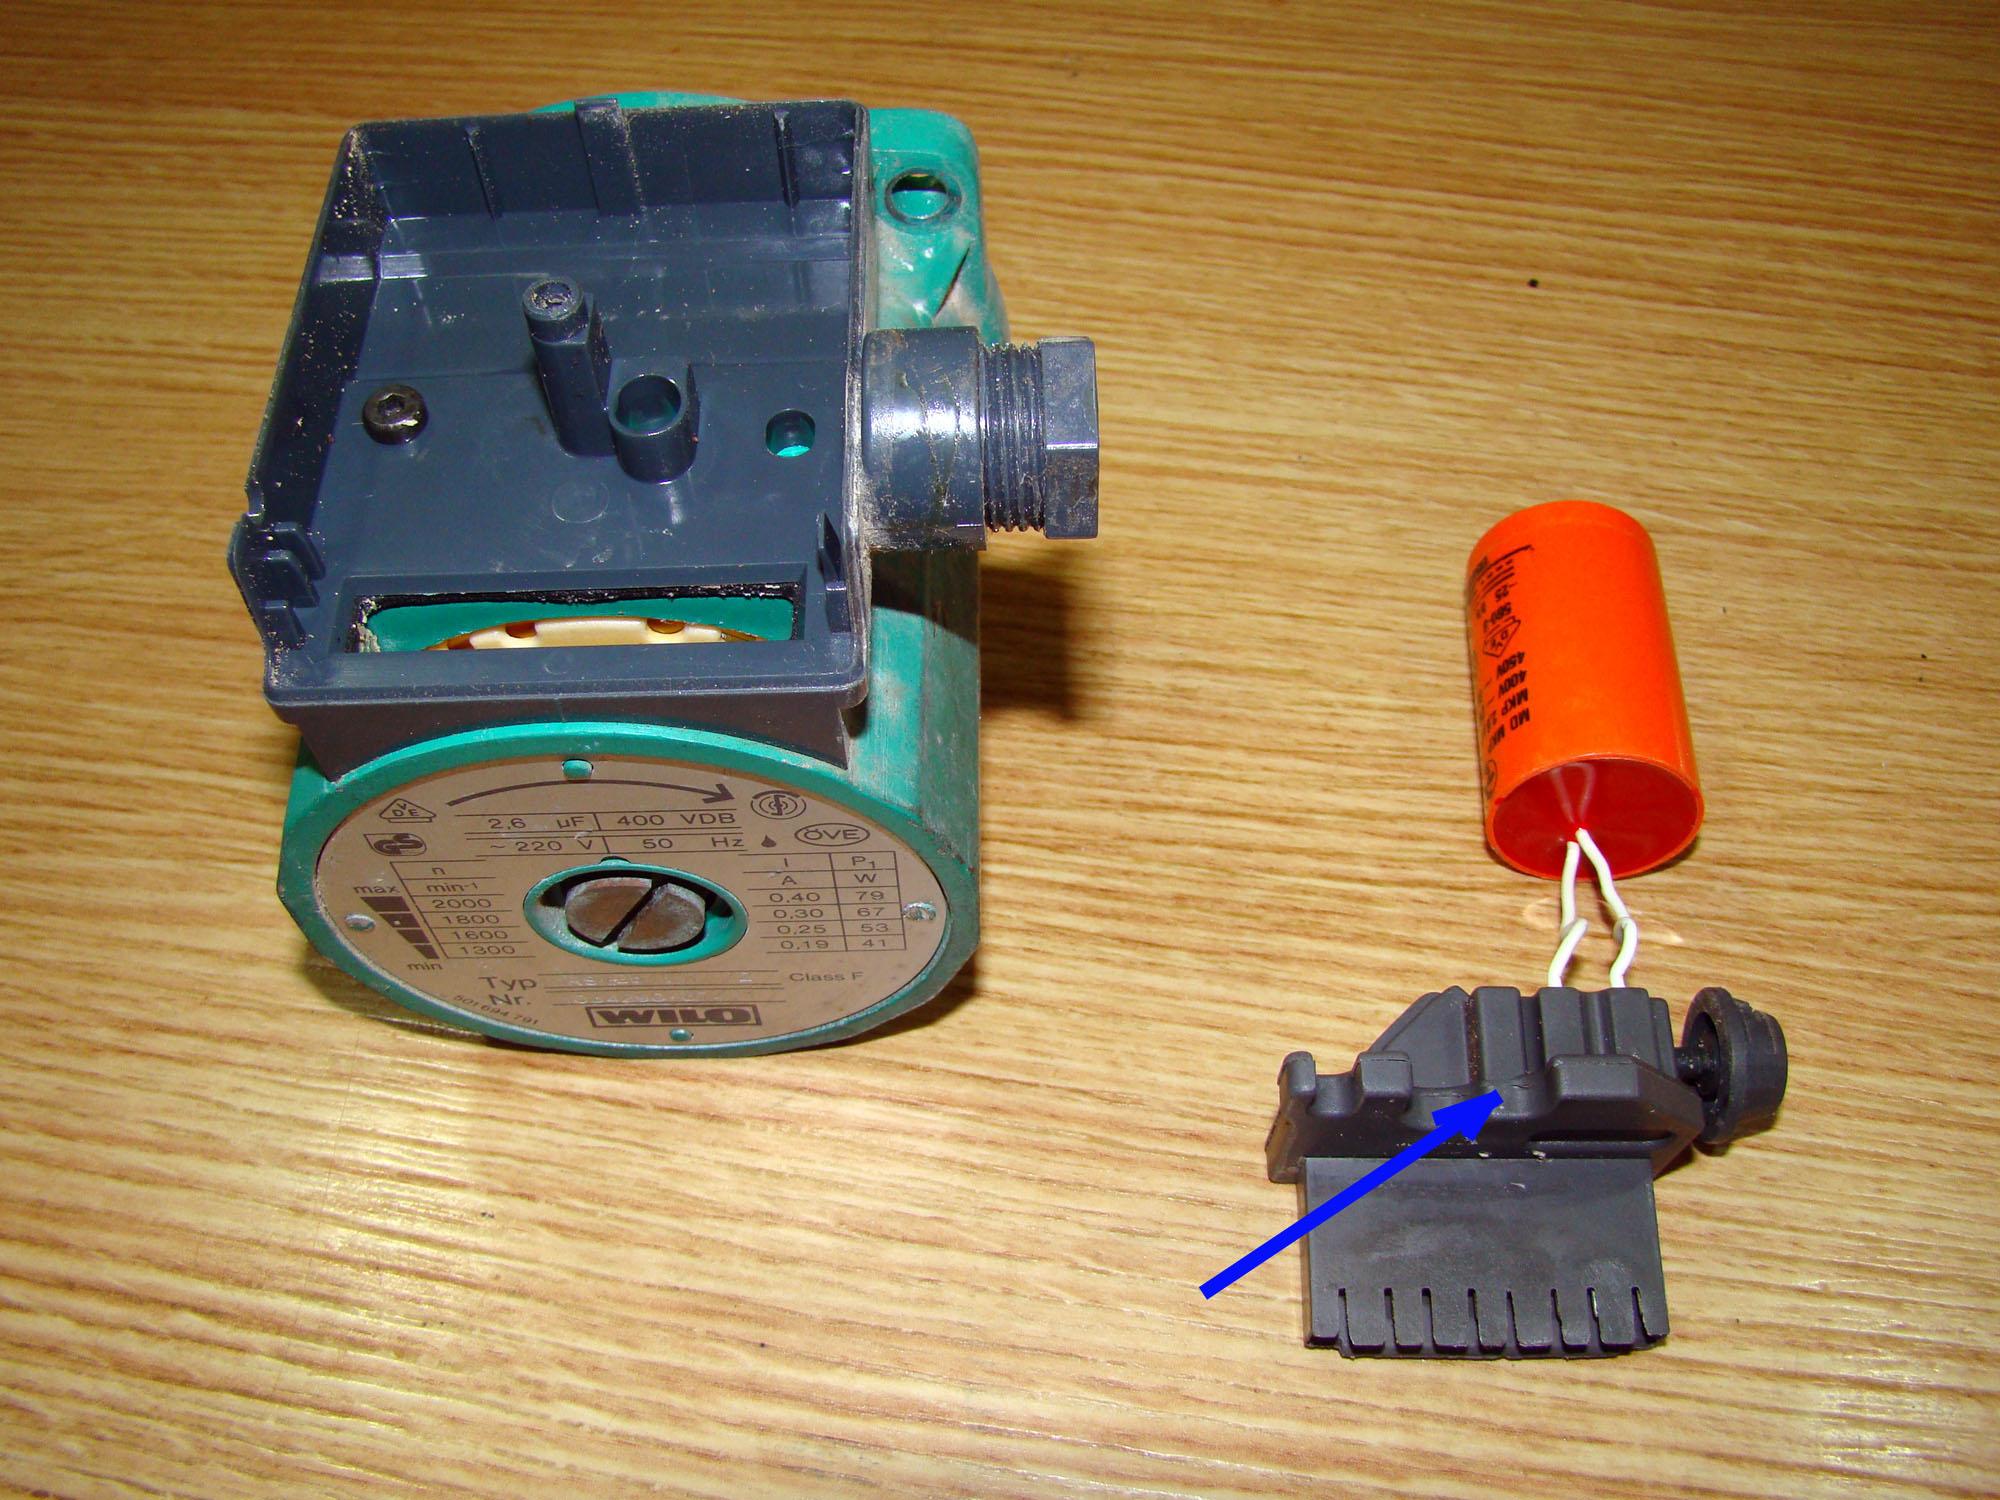 Reparaci n de la bomba de circulaci n para calefacci n for Bomba de calefaccion roca